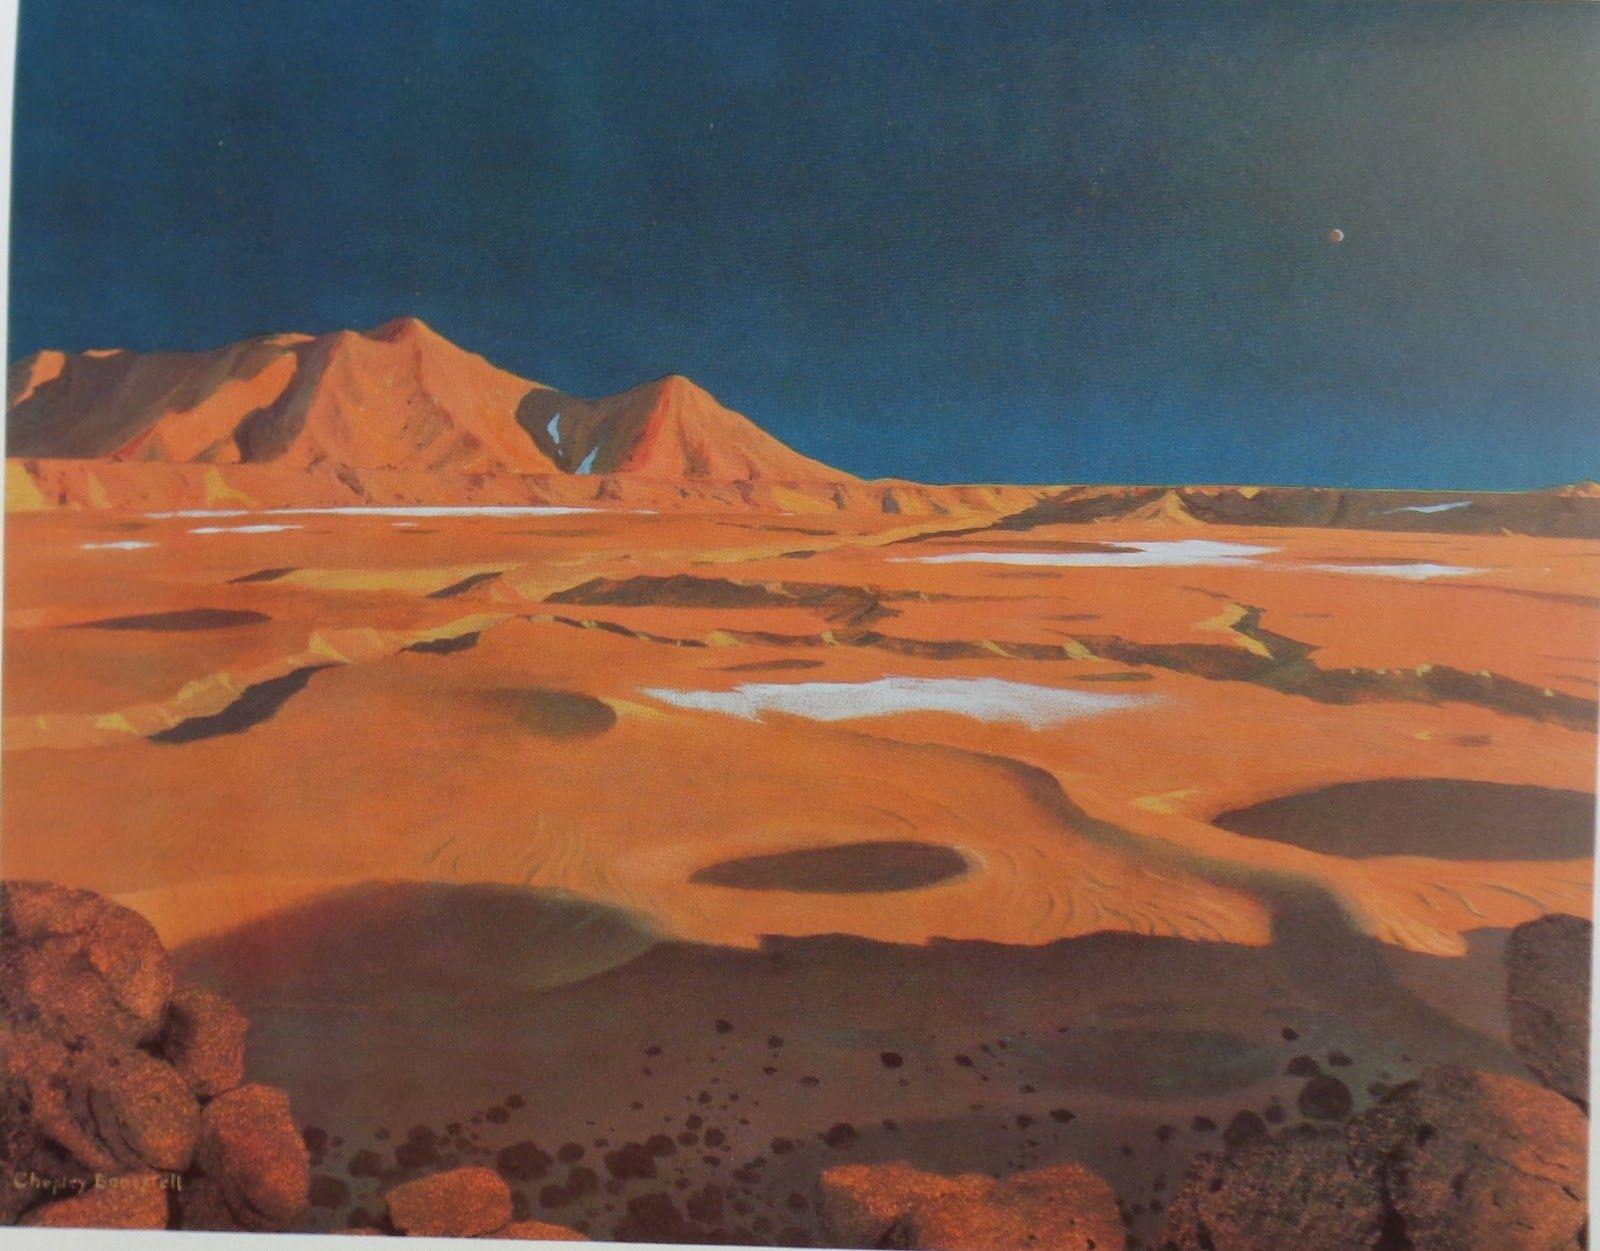 mars landscape materials - HD1600×1251